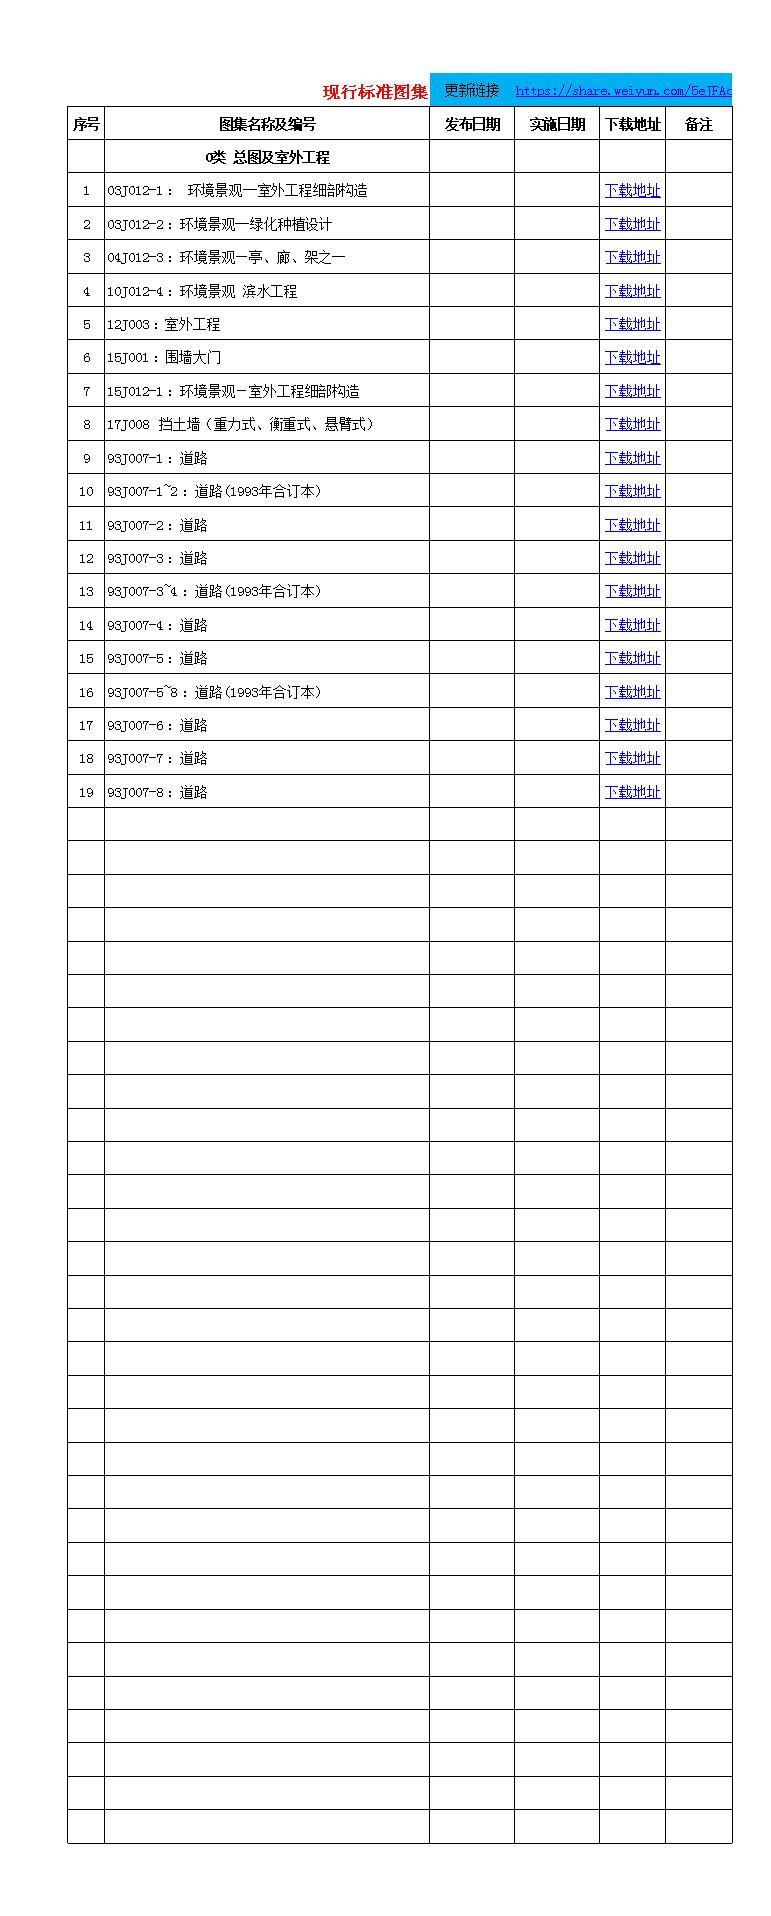 图集规范目录汇编.xlsx